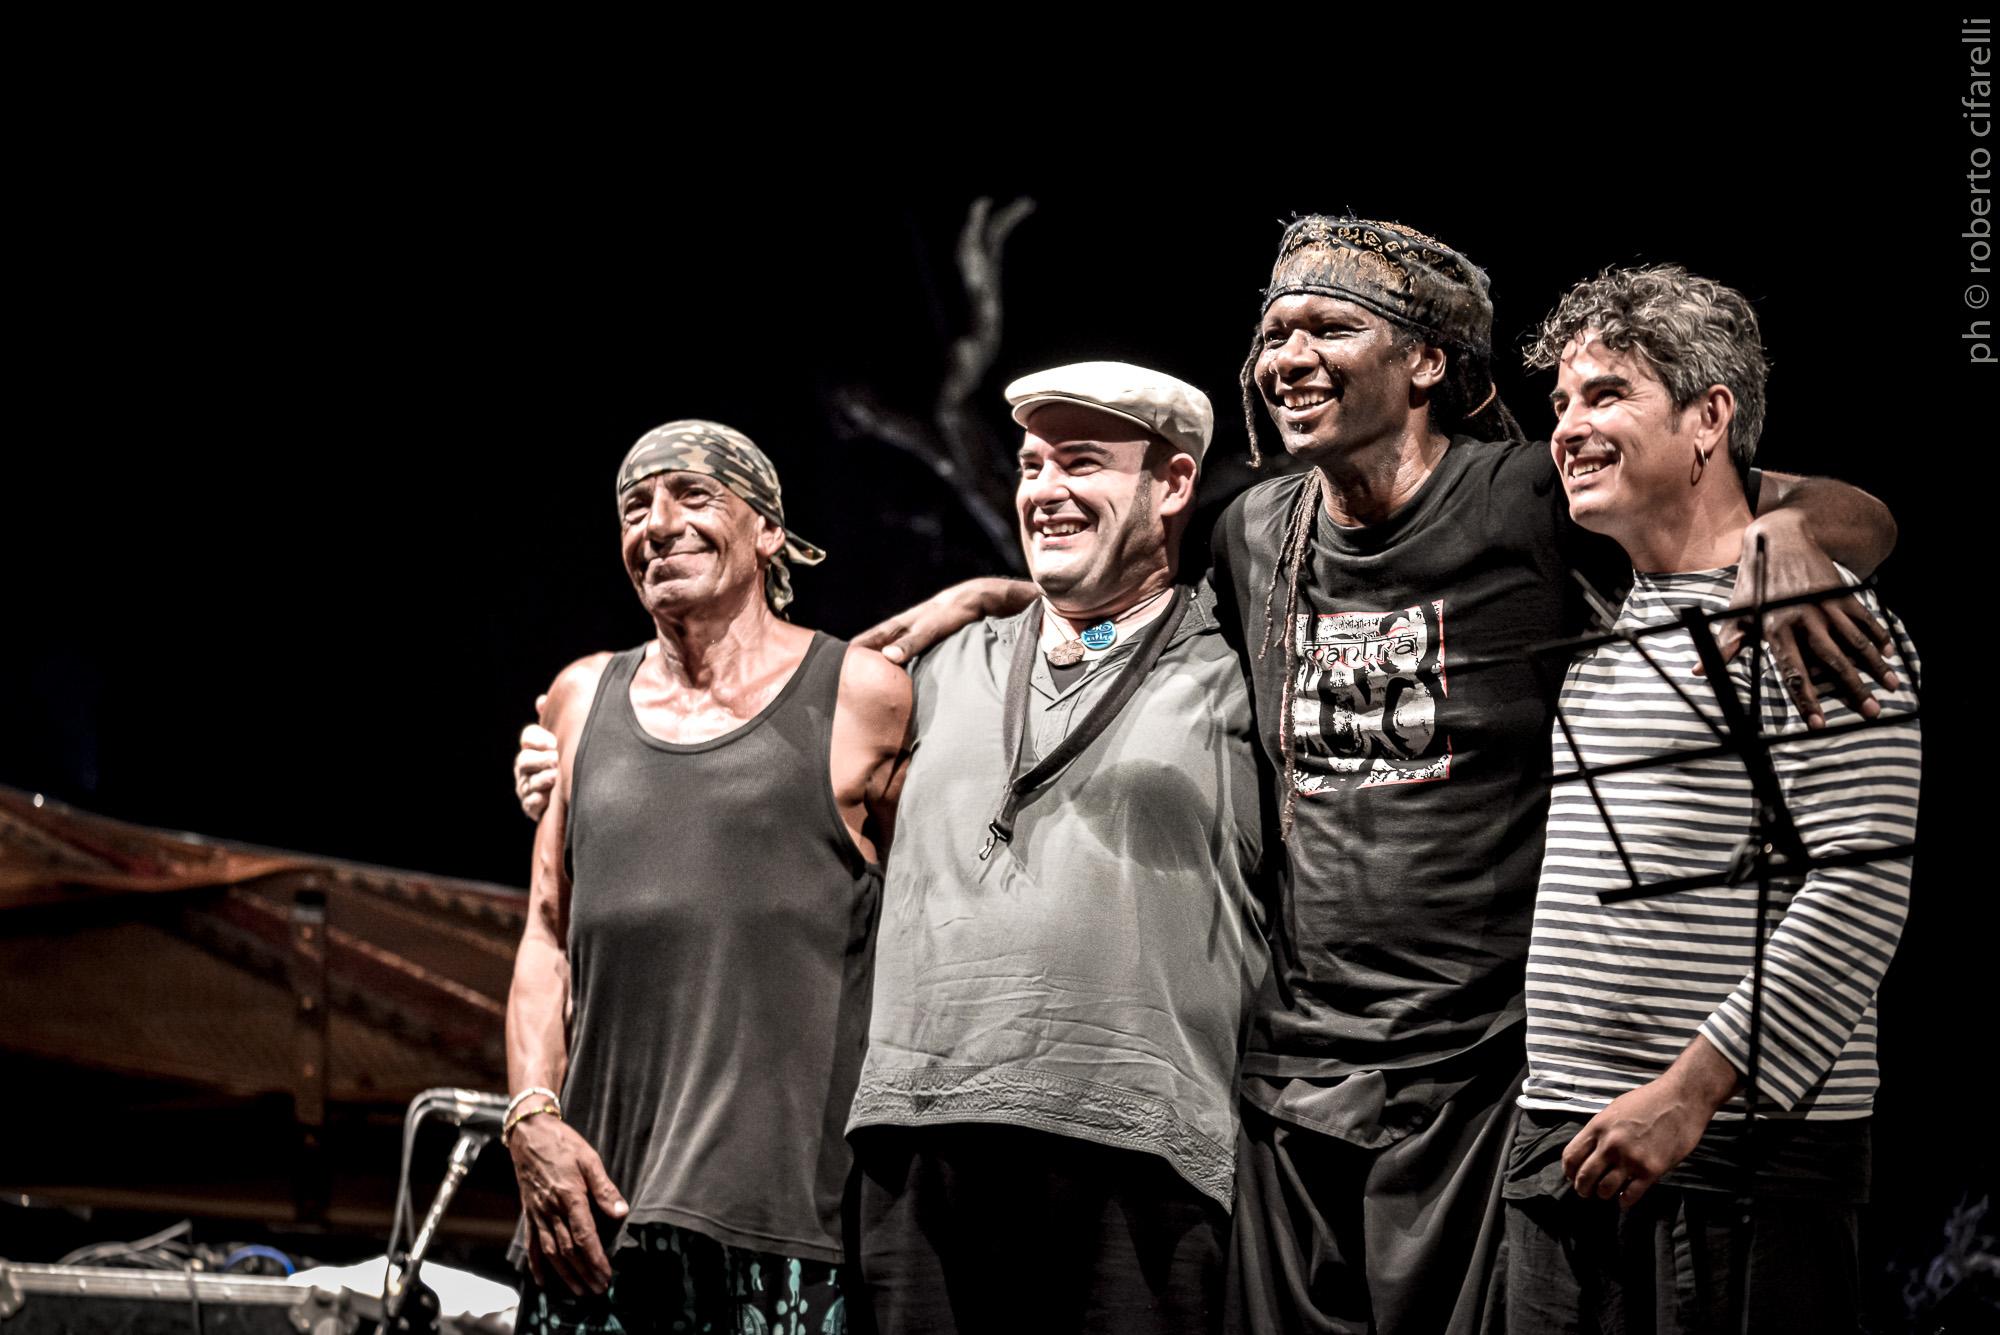 antonello salis 70 20120815 34 © Roberto Cifarelli1 2